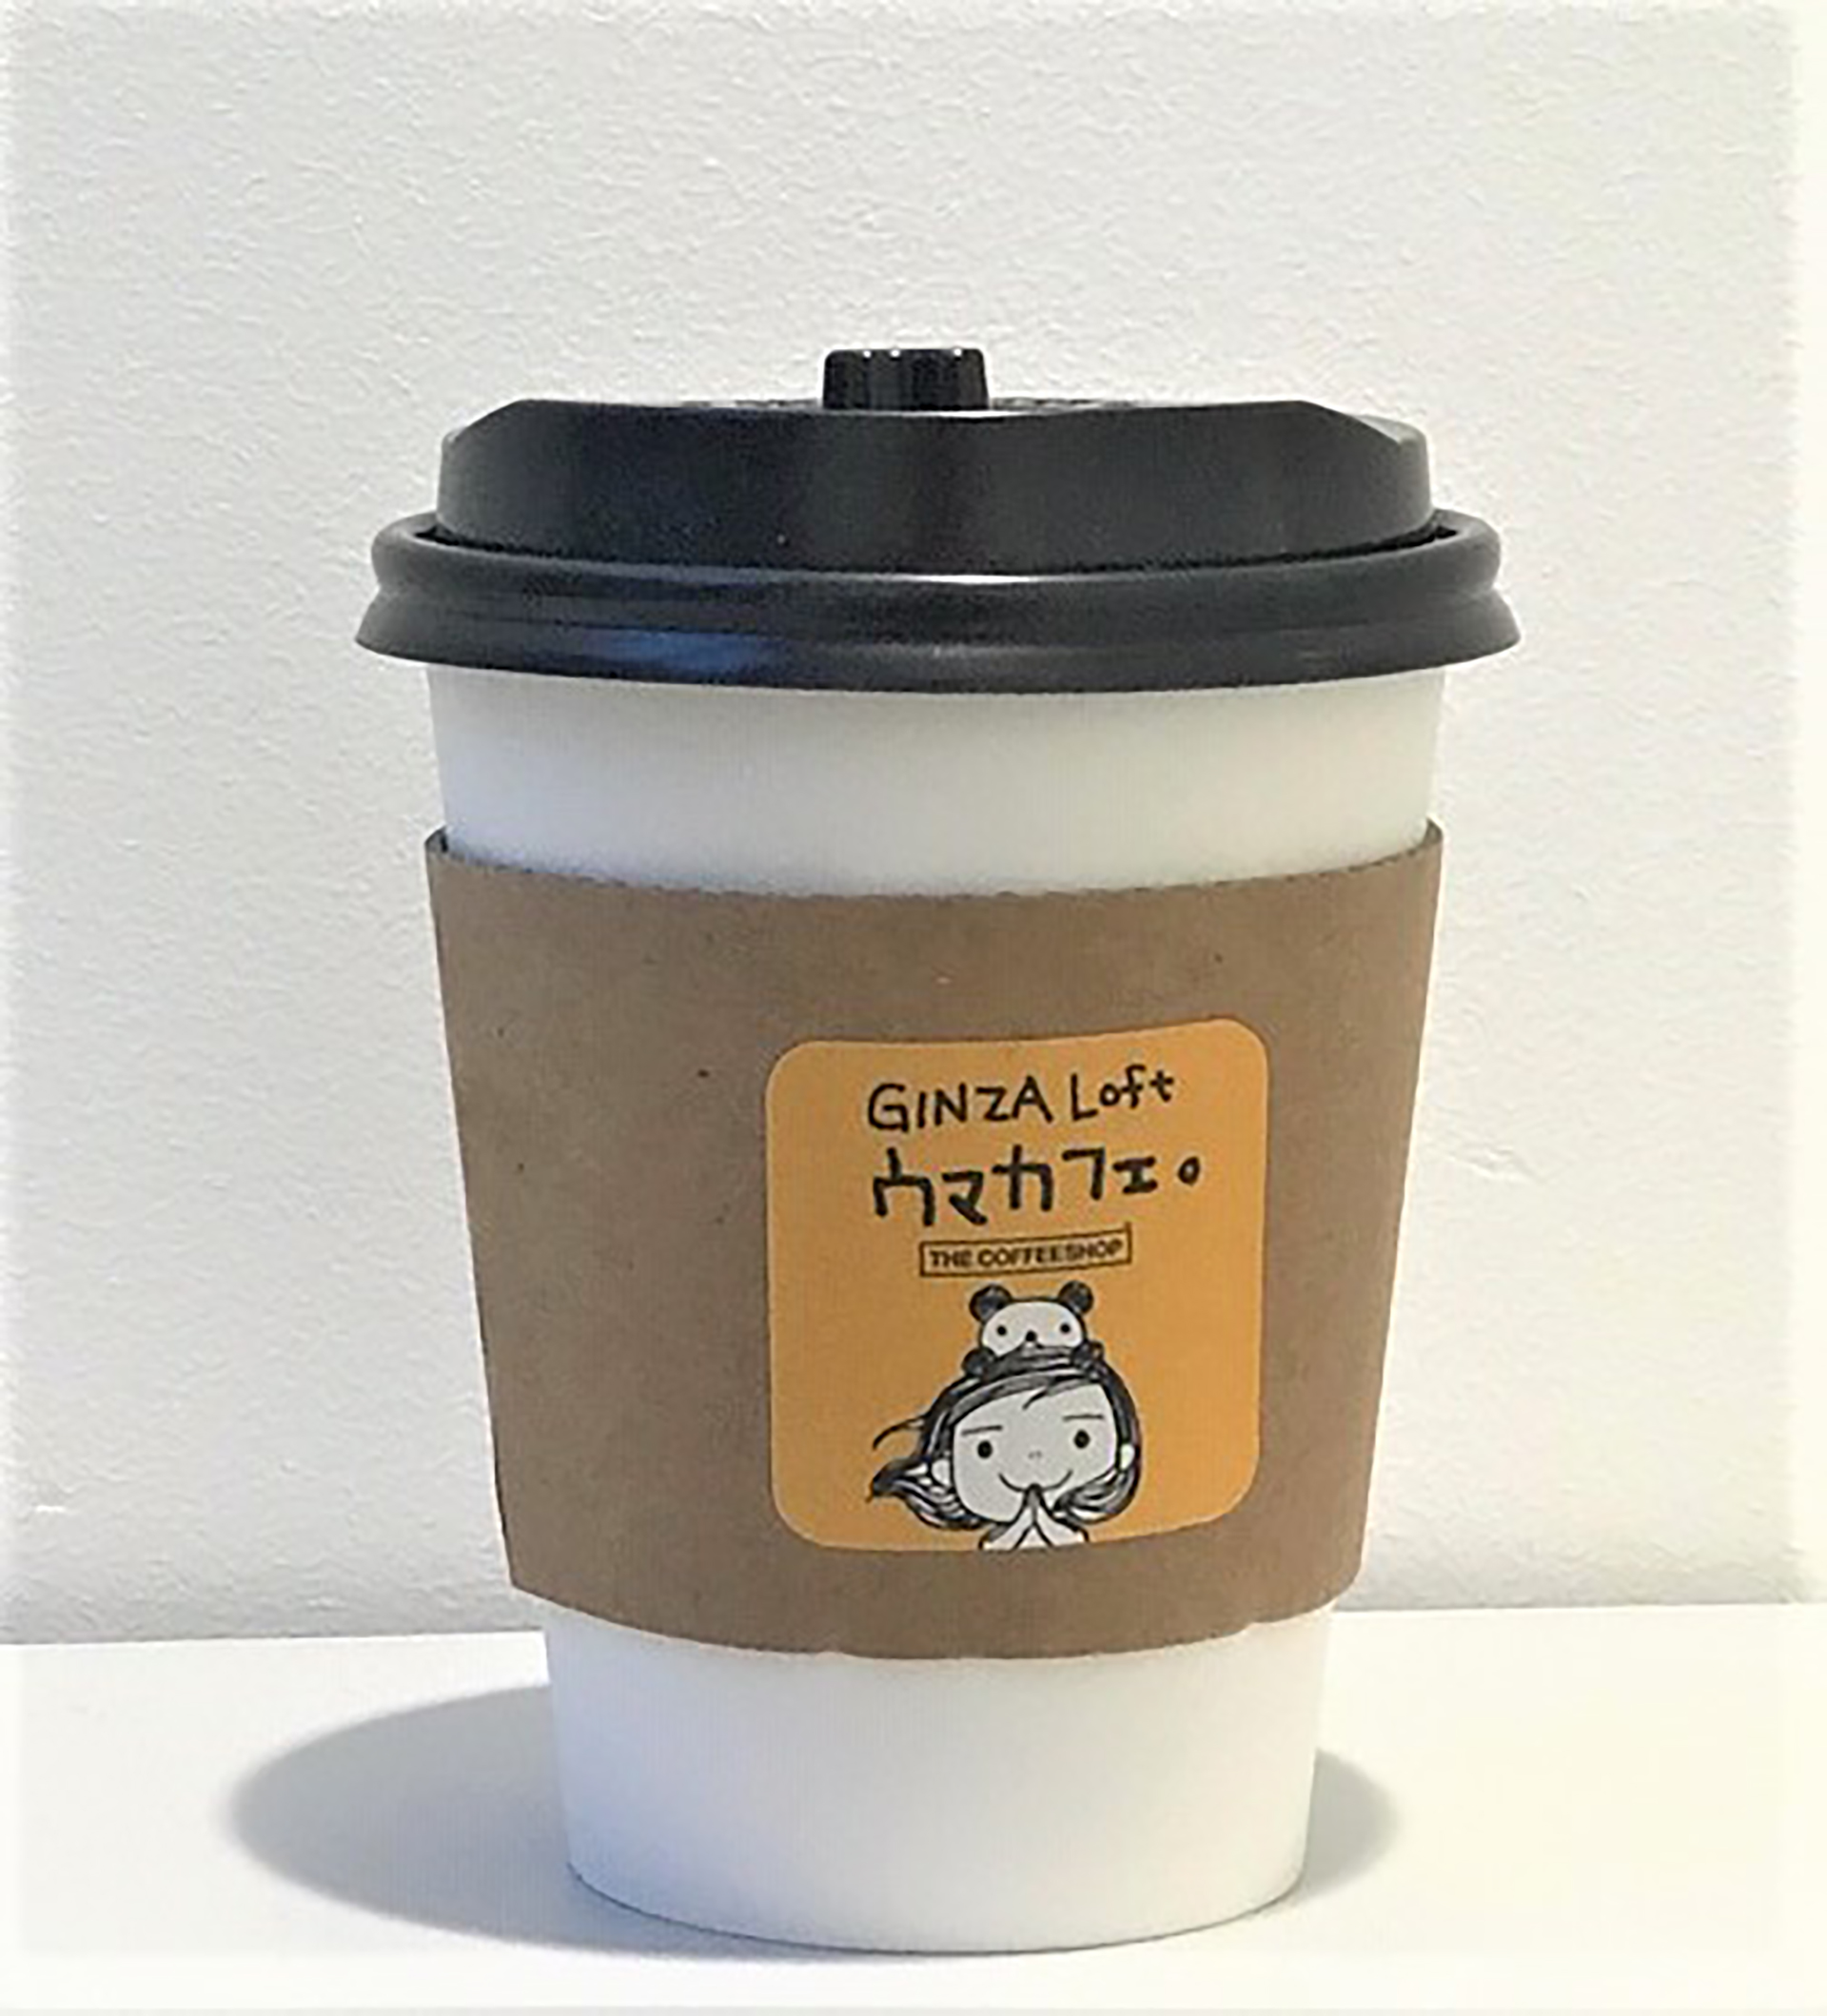 ウマ カケバコーヒー